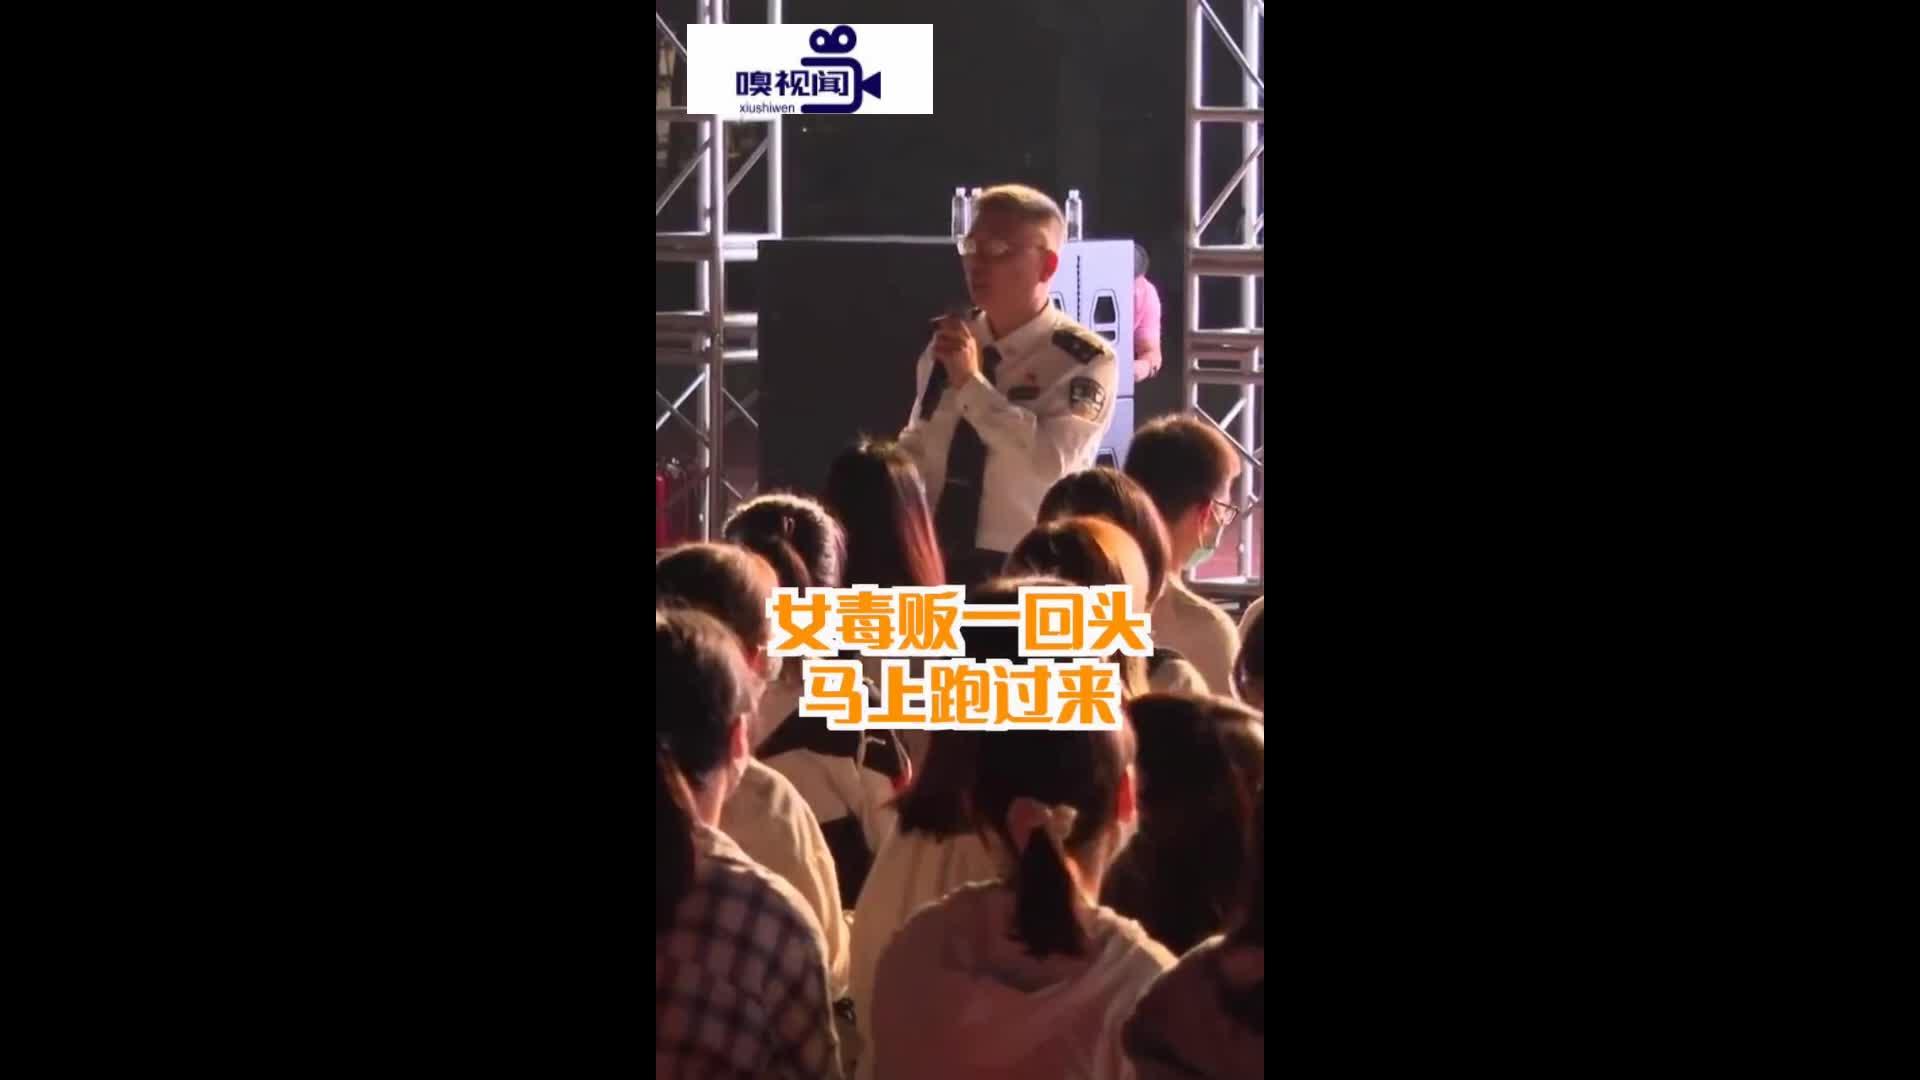 广东广州:你知道吗? 为什么帅哥不能做缉毒警